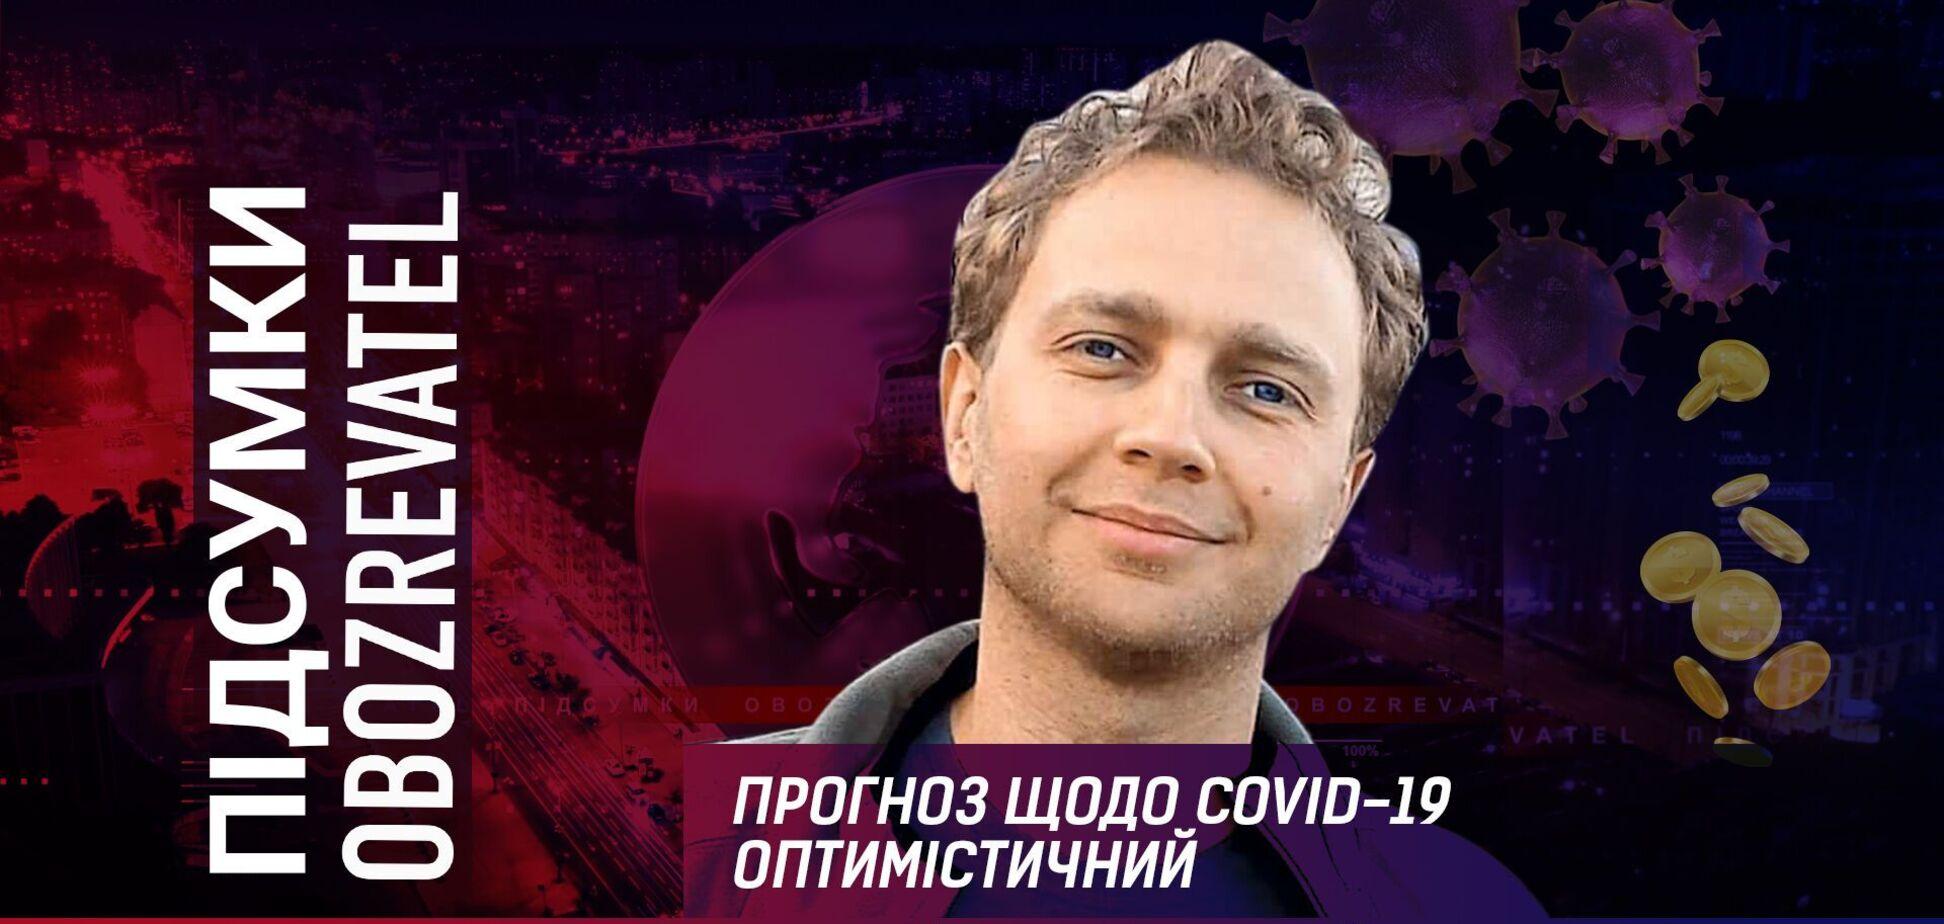 Прогноз щодо COVID-19 оптимістичний, – лікар Донськой